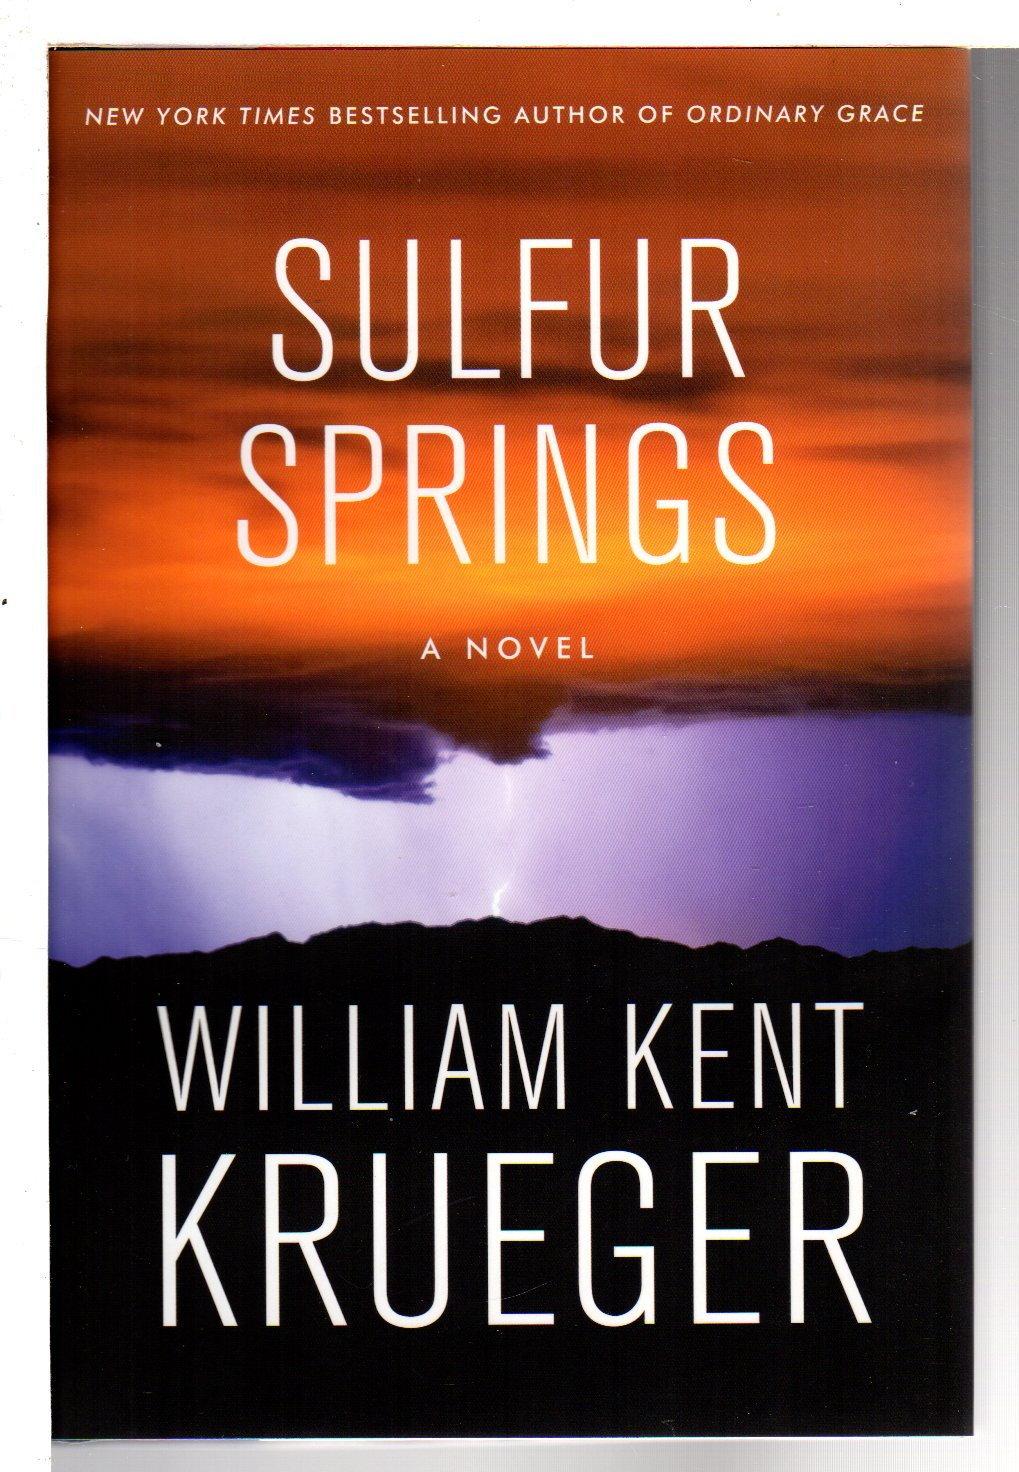 KRUEGER, WILLIAM KENT. - SULFUR SPRINGS.